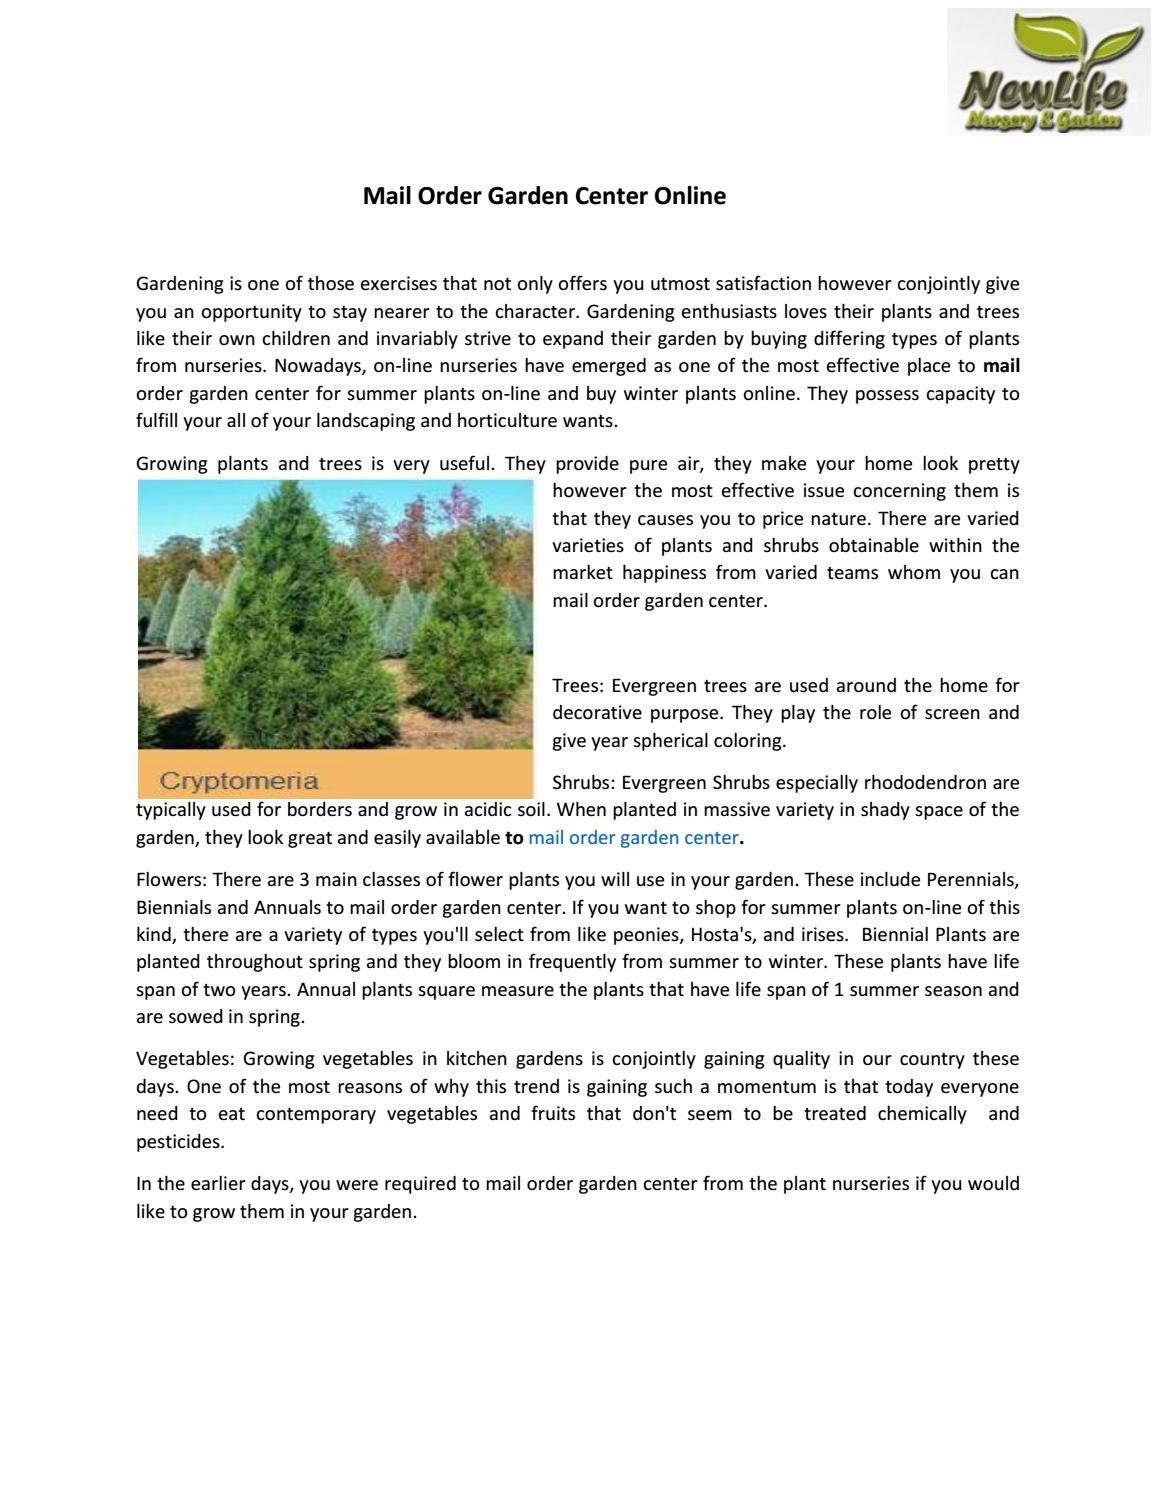 Mail Order Garden Center Online By Newlifenursery1 Issuu